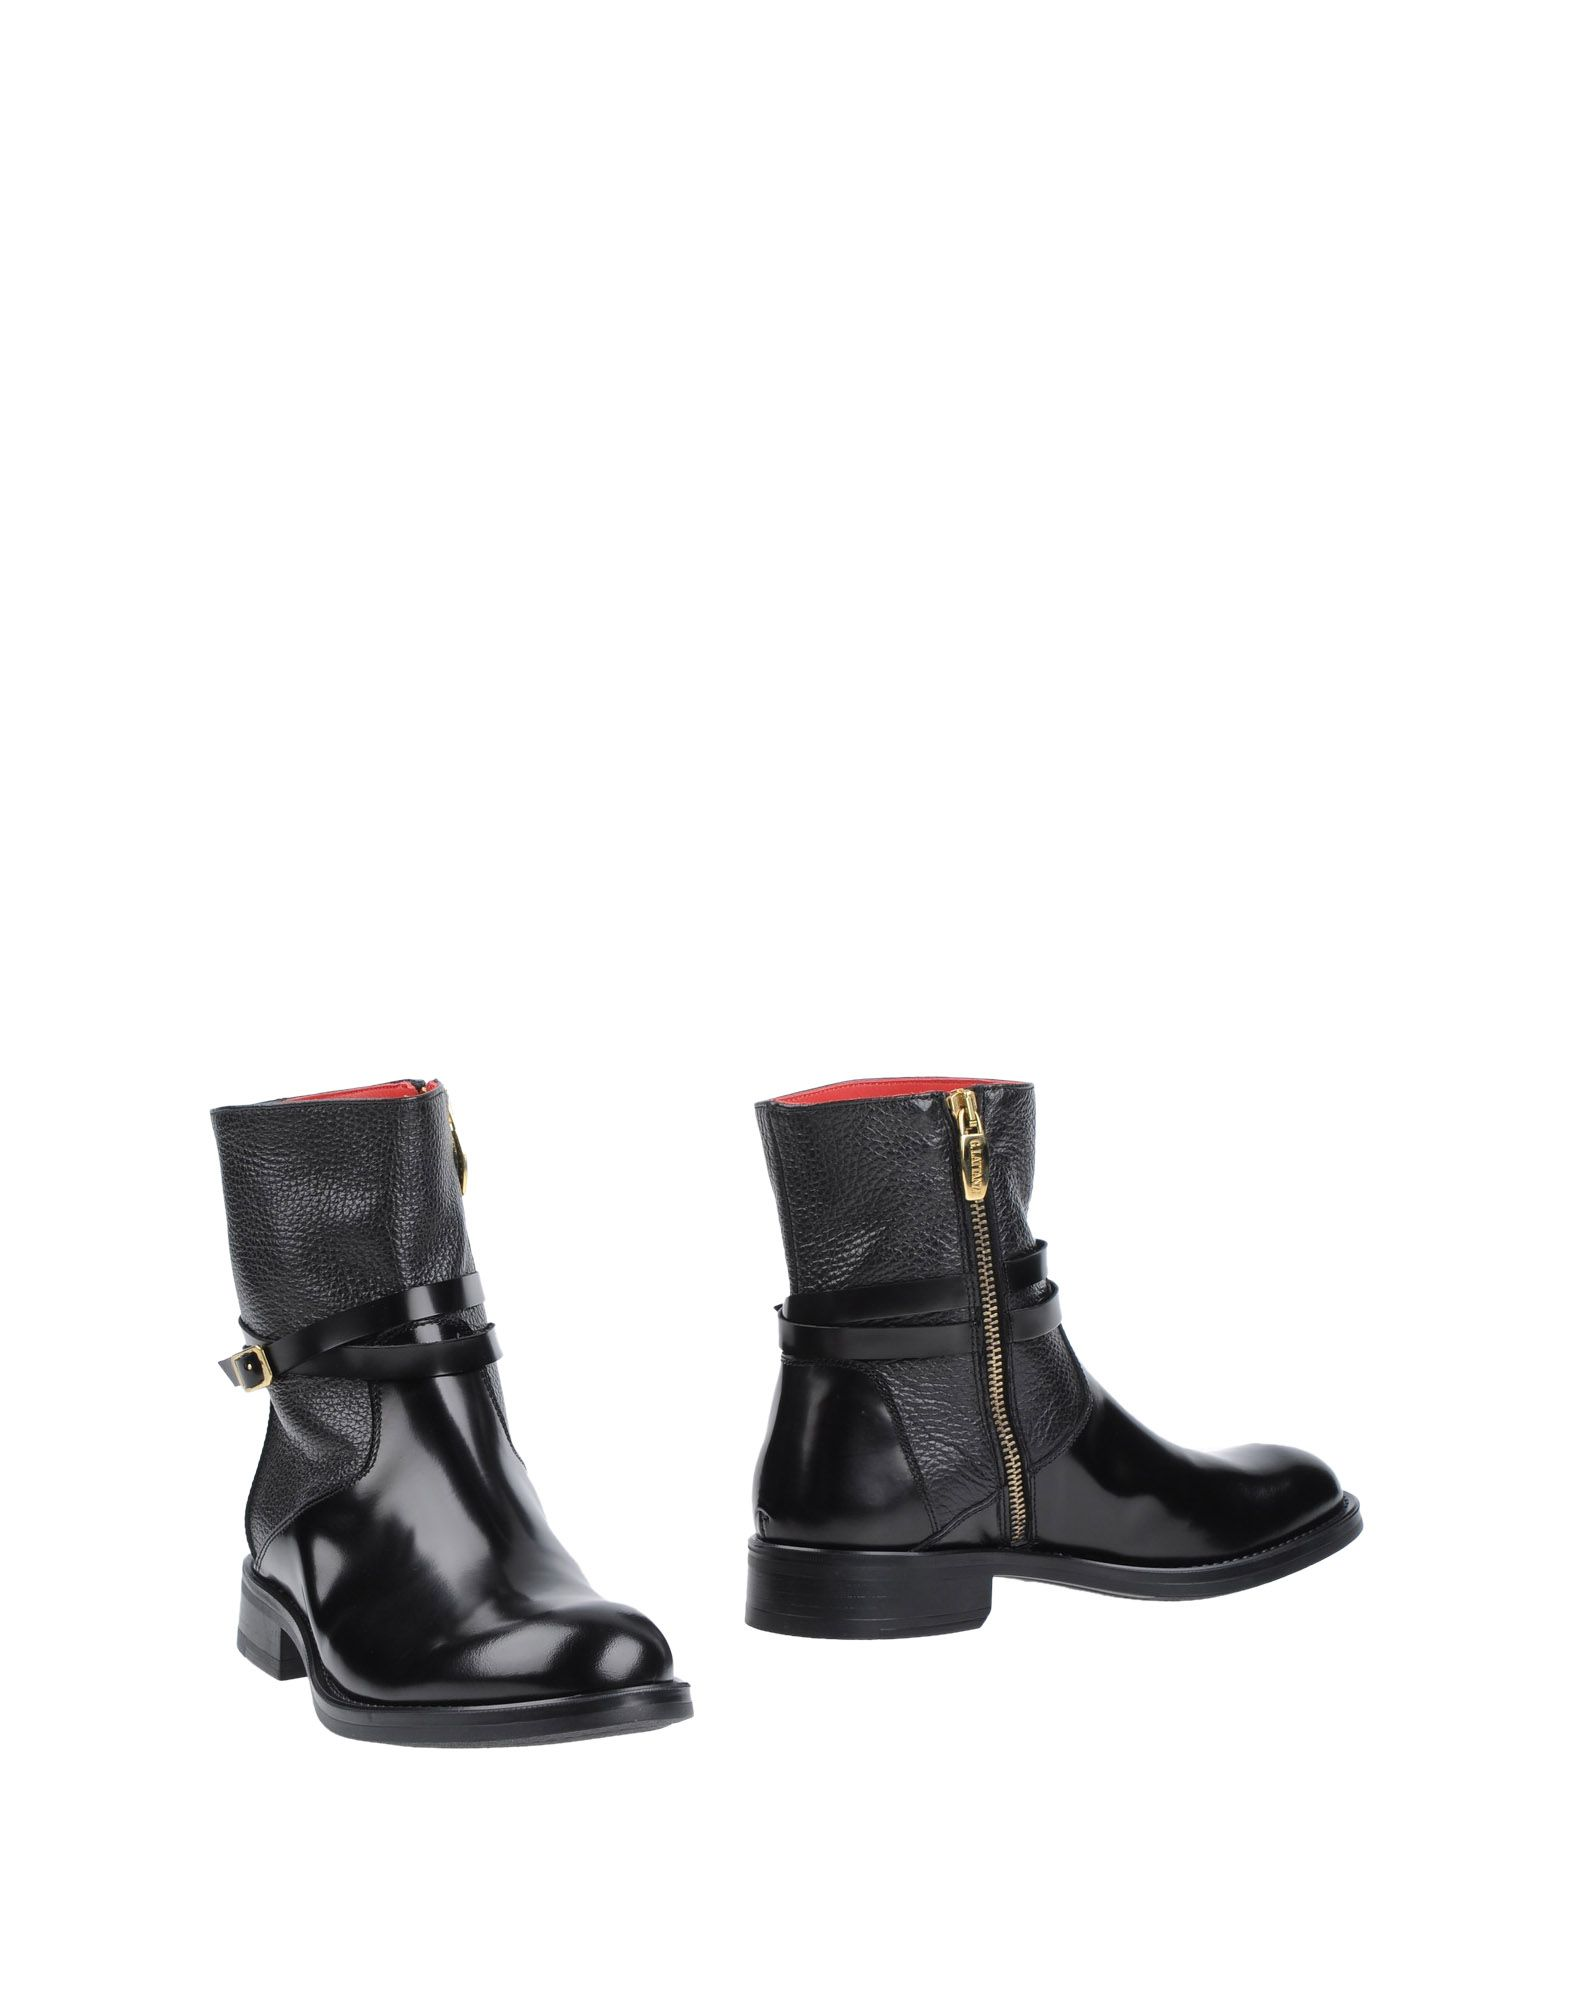 GIANFRANCO LATTANZI DONNA Полусапоги и высокие ботинки цены онлайн